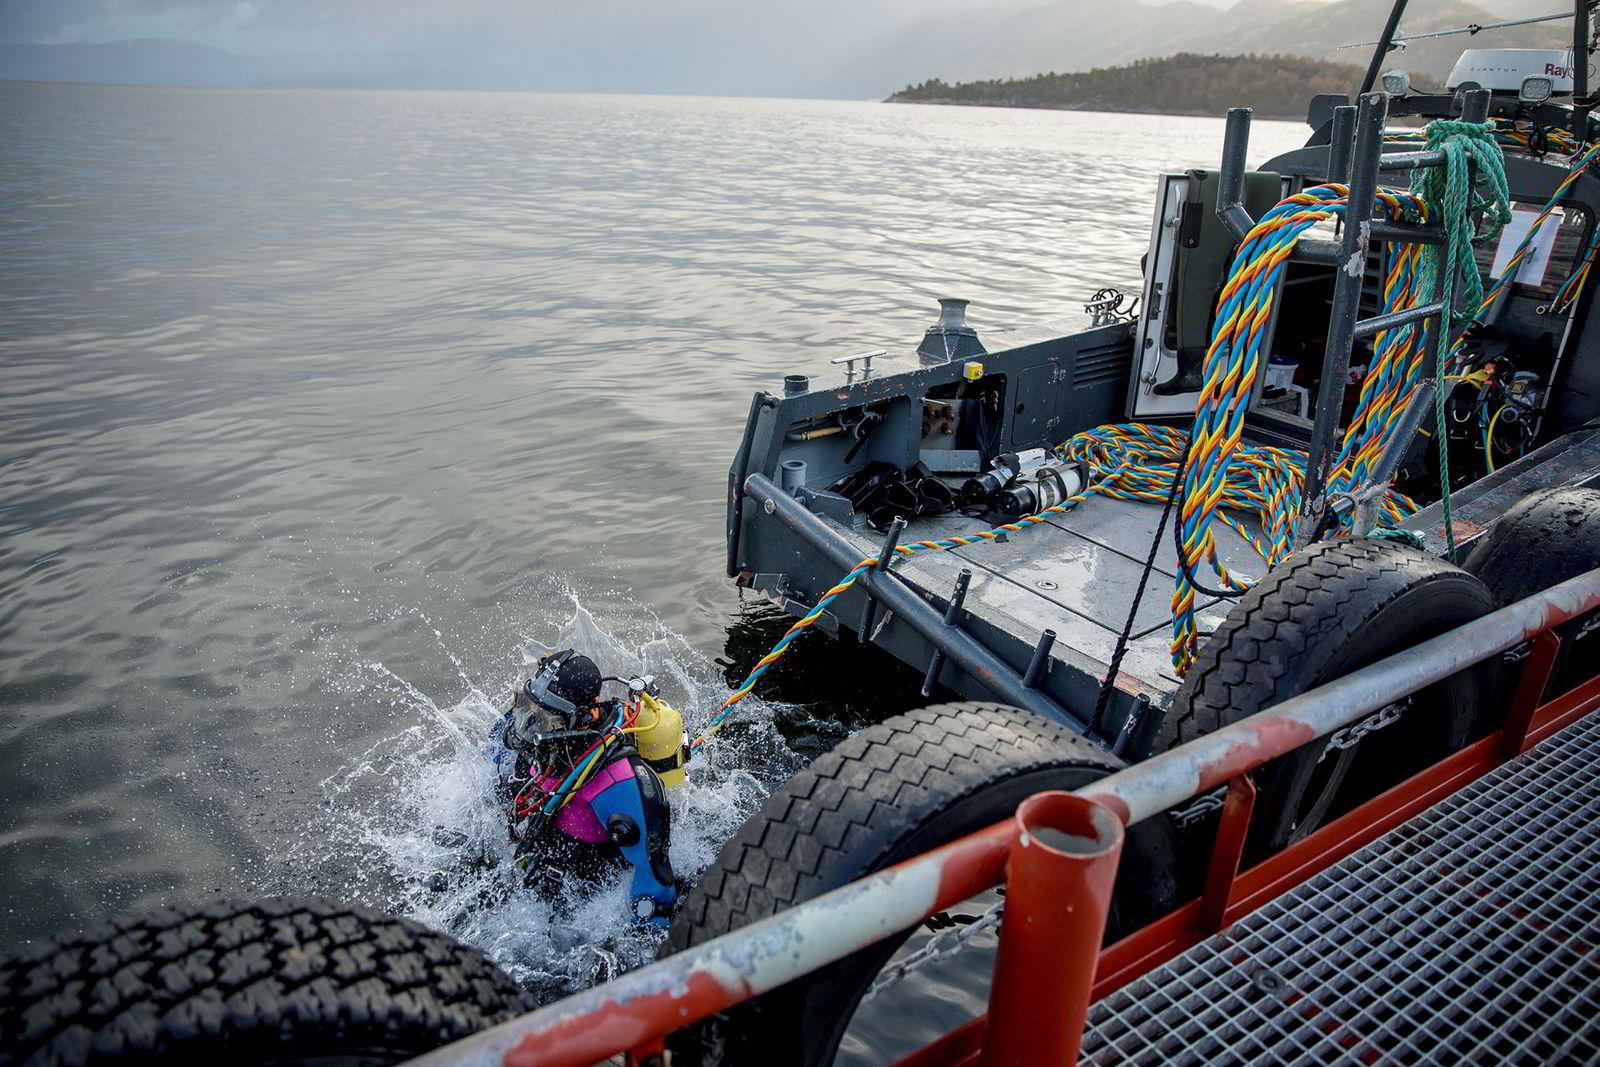 Oppdrettsdykker Ragnhild Jesica Bjella hopper uti sjøen for å sjekke notveggen ved anlegget på Hågardsneset.